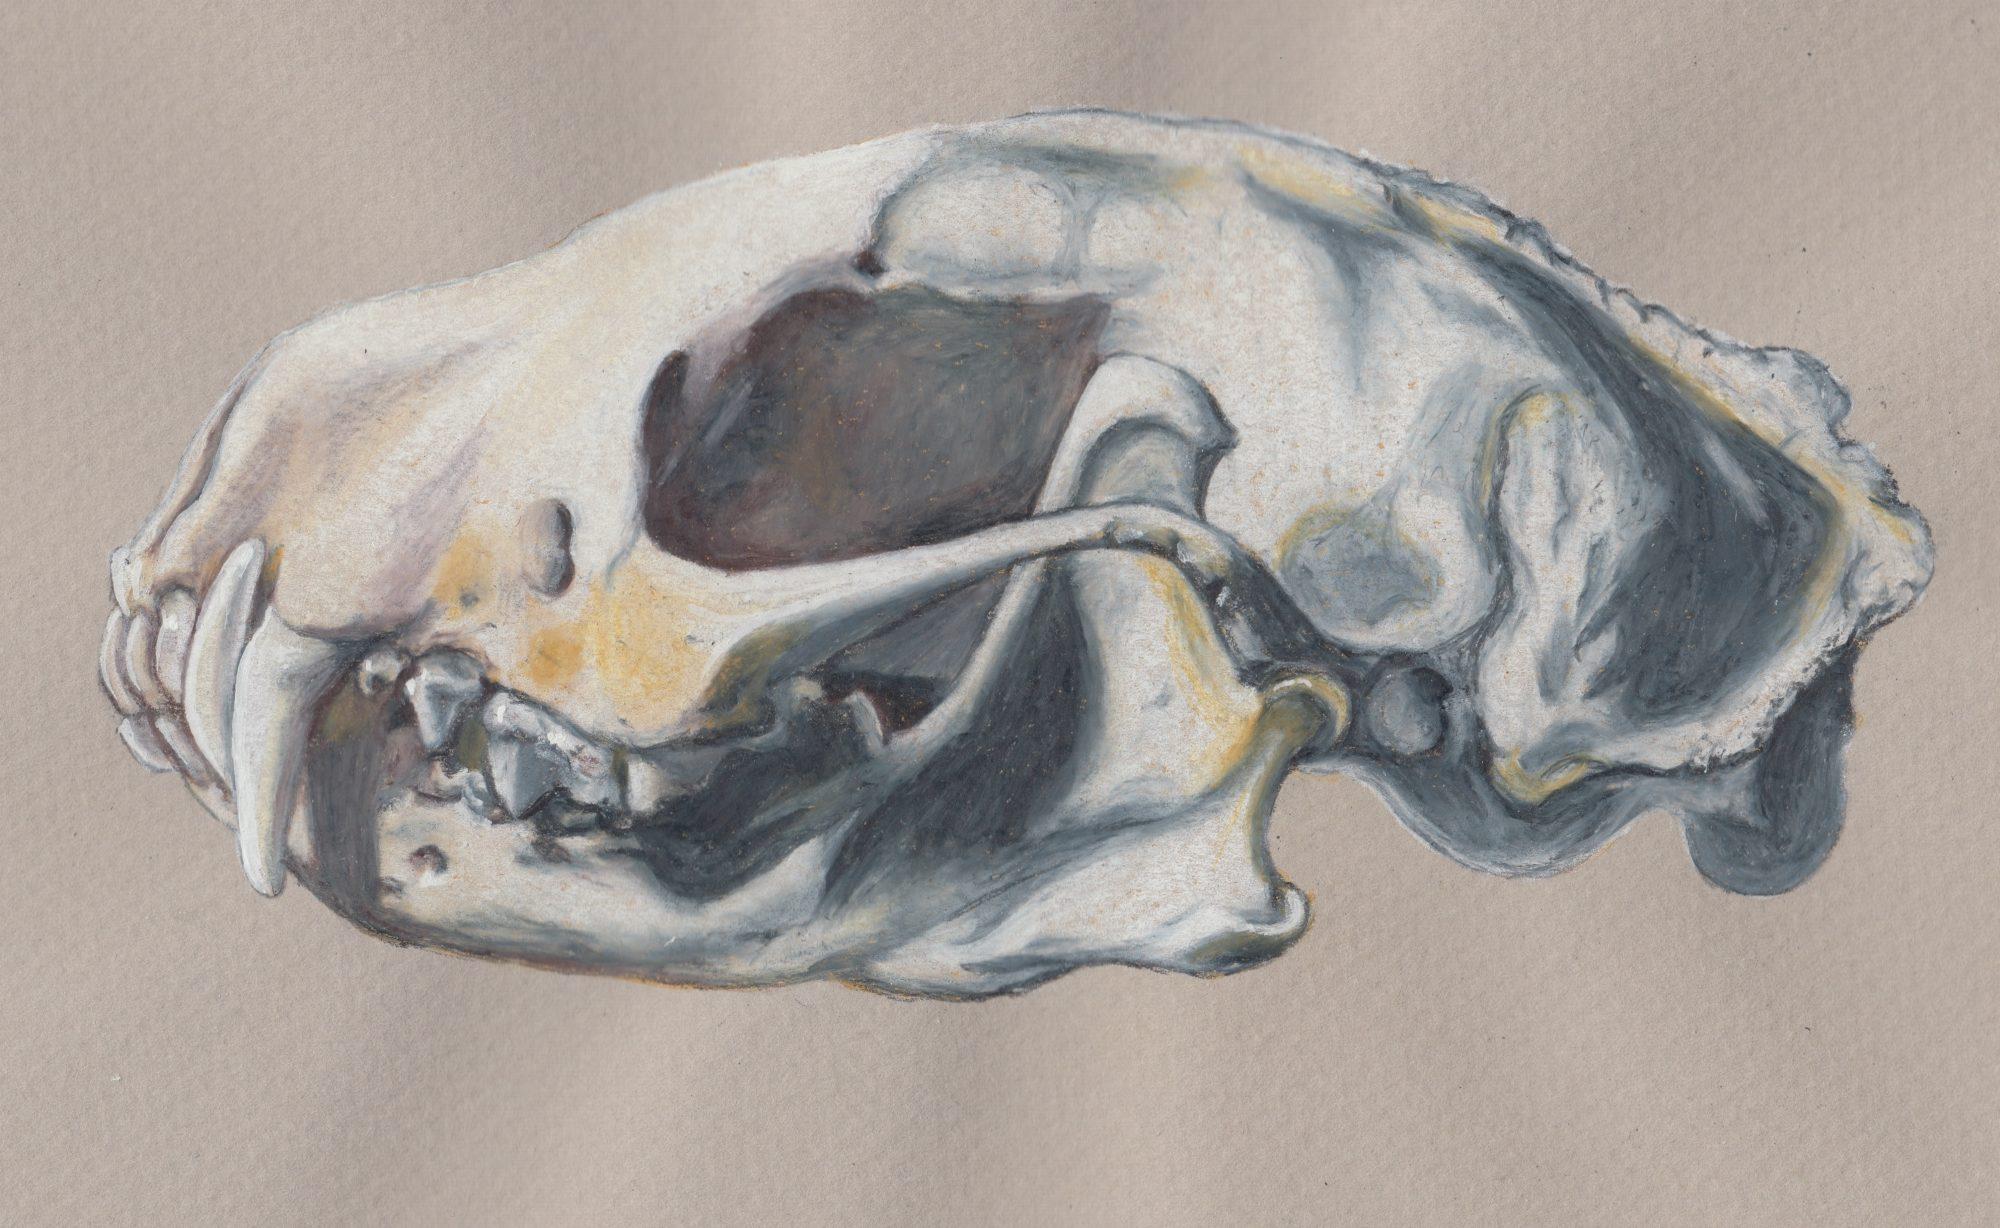 Skunk Skull copy resized